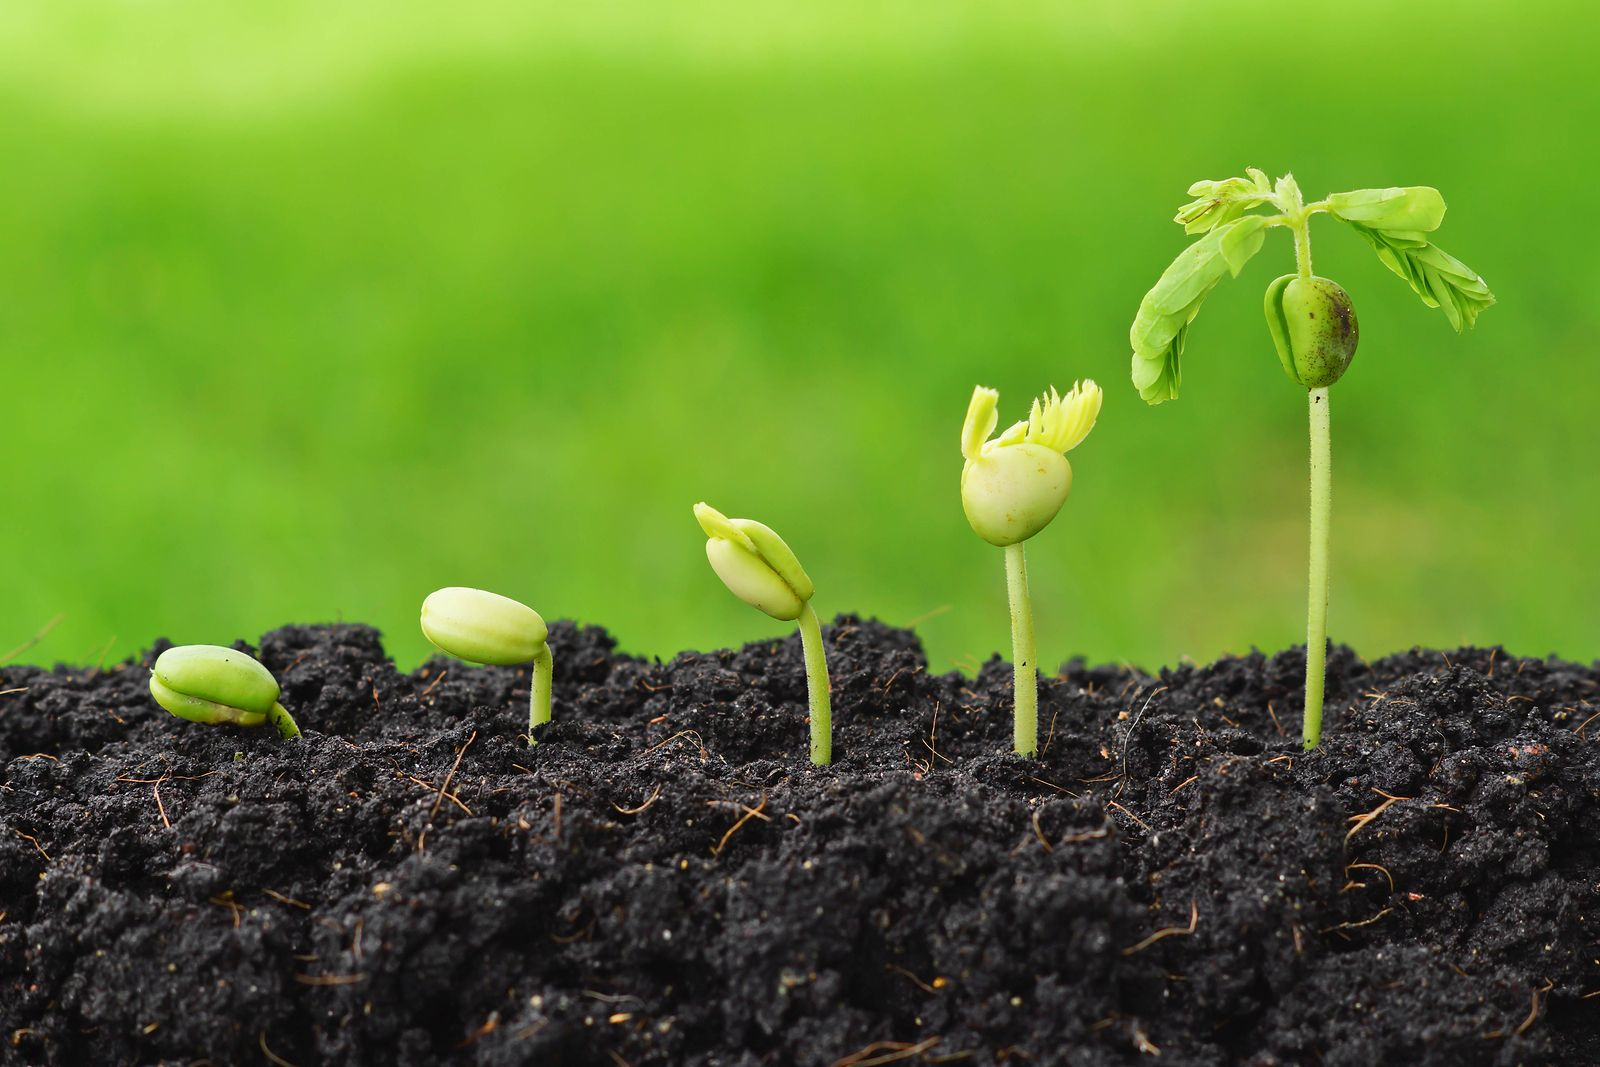 порода сегодня картинка ростков подсолнуха объекте выполняются работы